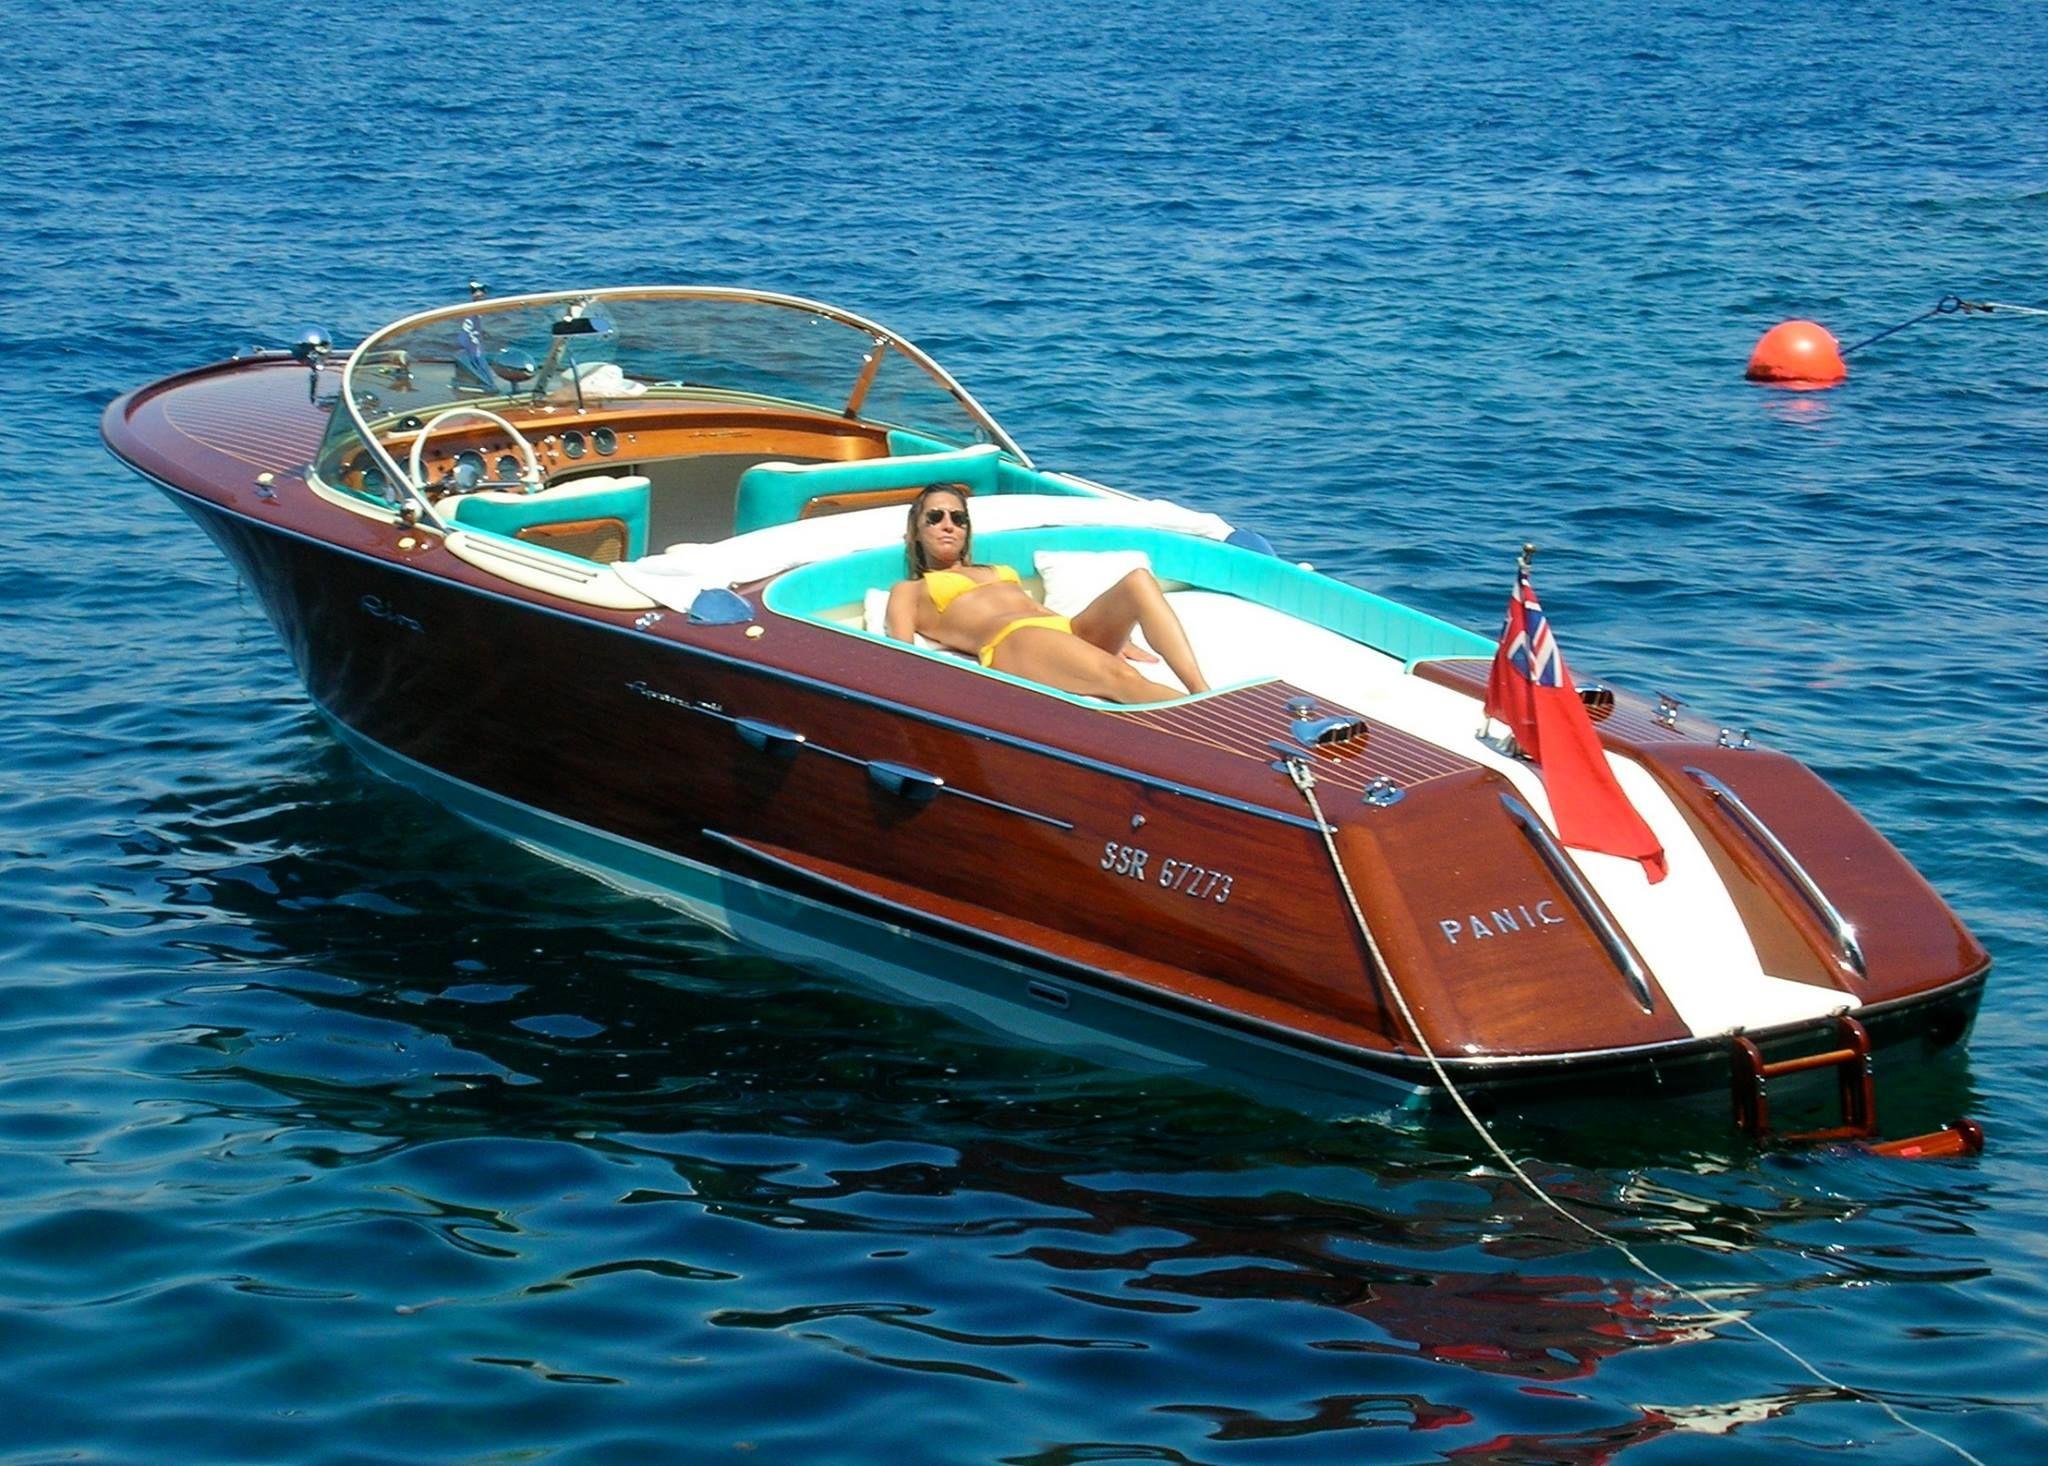 RIVA Aquarama Special, I serie, 1975 | Riva | Pinterest | Boating, Wooden boats and Riva boat